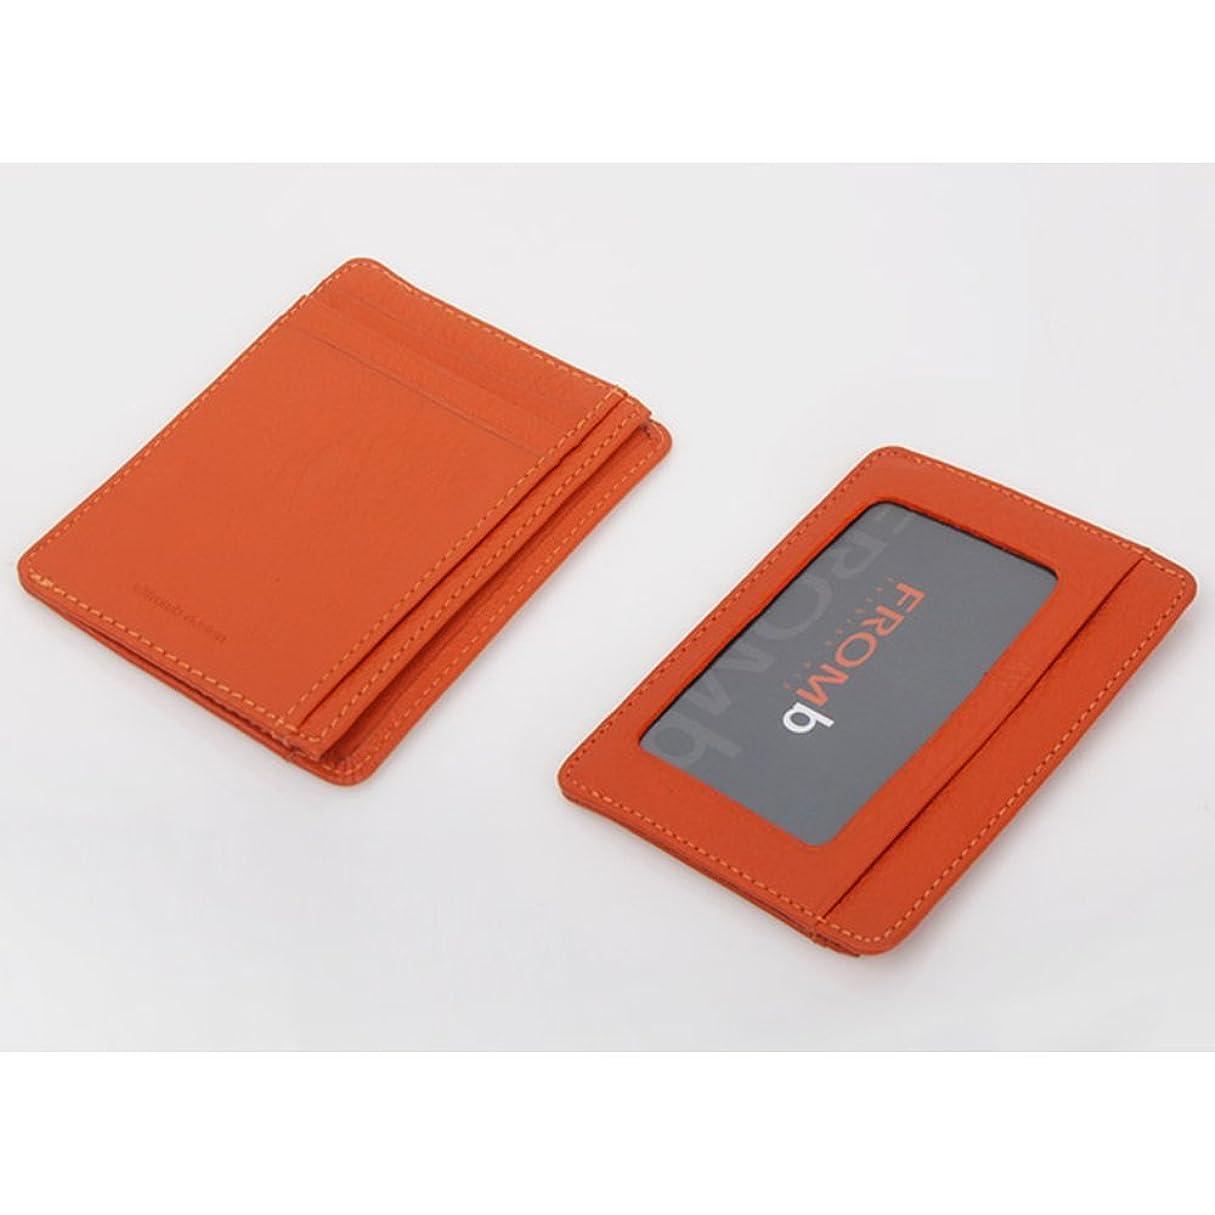 やけど正確な逸脱Useful 本革カードケース パスケース 男女兼用 (オレンジ)